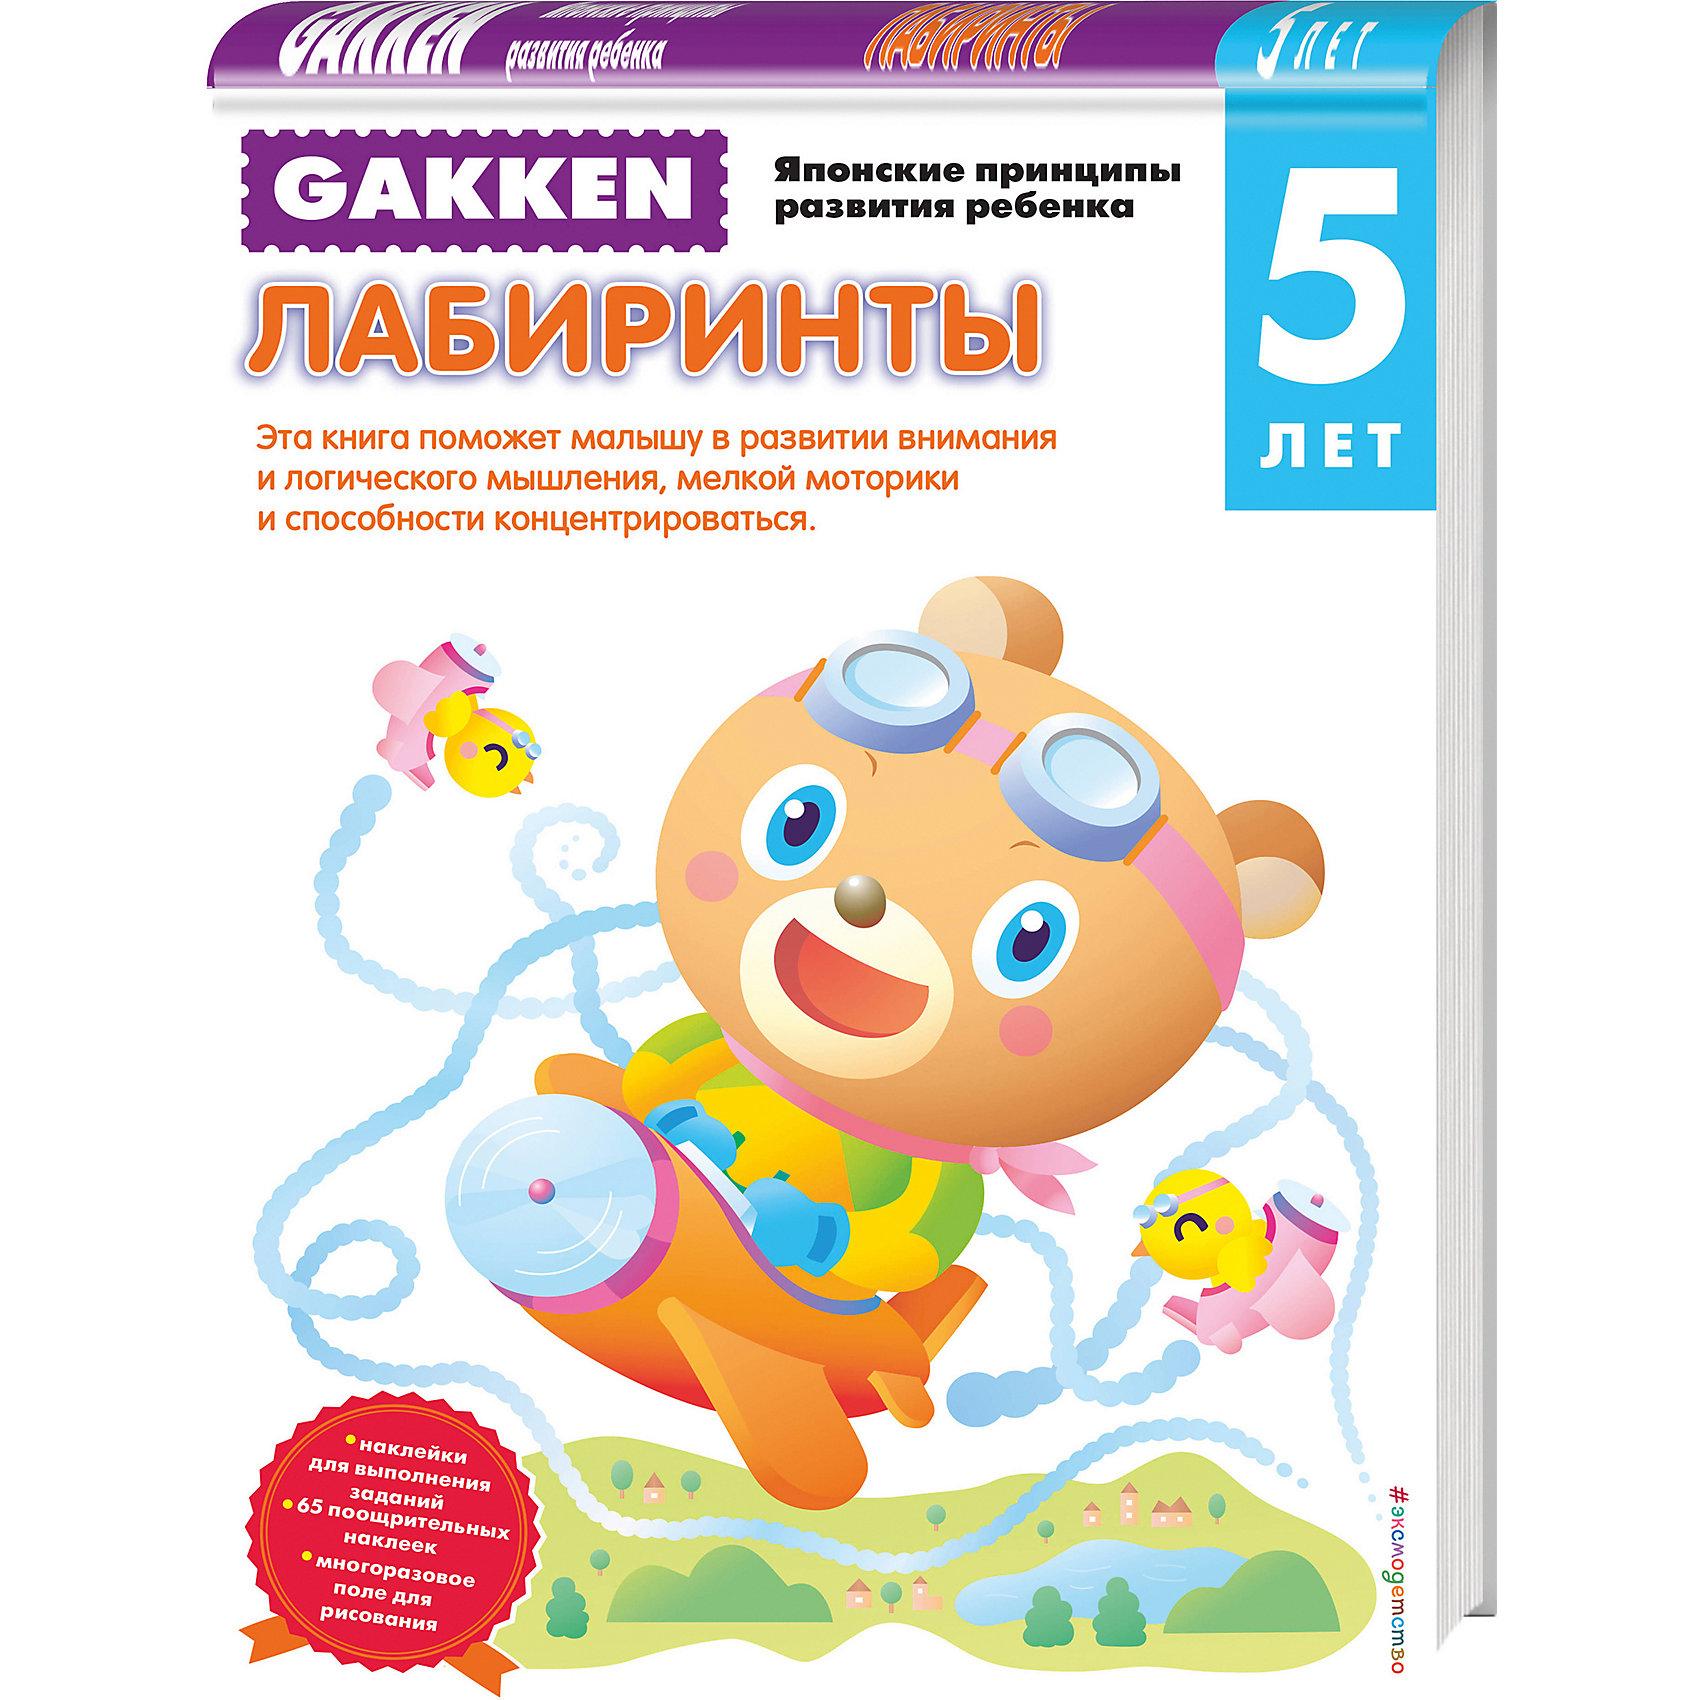 Лабиринты, 5+, GakkenТесты и задания<br>Книга 5+ Лабиринты поможет малышу в развитии мелкой моторики, способности концентрироваться, внимания и логического мышления.<br><br>Занимаясь по рабочим тетрадям «GAKKEN Японские принципы развития ребенка» вы через некоторое время сами убедитесь в том, что  без нервотрепки и утомительных скучных занятий  ваш ребенок может:<br>•Самостоятельно находить решения довольно сложных задач, в том числе пространственных<br>•Логически рассуждать и принимать решения<br>•Не просто считать, но и понимать математическую логику счета и решения задач<br>•Правильно держать карандаш и фломастер<br>•Рисовать, раскрашивать, проводить разные линии<br>•Управляться с ножницами и клеем<br>•Делать по образцу и даже придумывать сам аппликации и другие поделки из бумаги<br><br>Ширина мм: 210<br>Глубина мм: 290<br>Высота мм: 60<br>Вес г: 283<br>Возраст от месяцев: 36<br>Возраст до месяцев: 2147483647<br>Пол: Унисекс<br>Возраст: Детский<br>SKU: 5535525